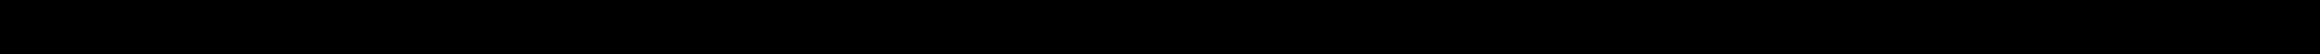 SWF 61 61 2 158 219, 61 61 2 159 627, 61 61 2 241 375, 61 61 9 478 361, 61 61 2 158 219 Stikla tīrītāja slotiņa